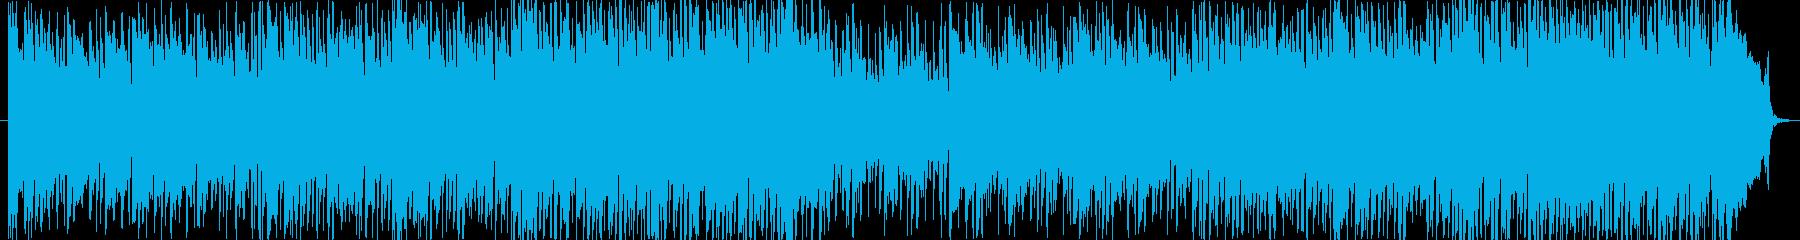 エレガントなミディアムテンポのBGMの再生済みの波形